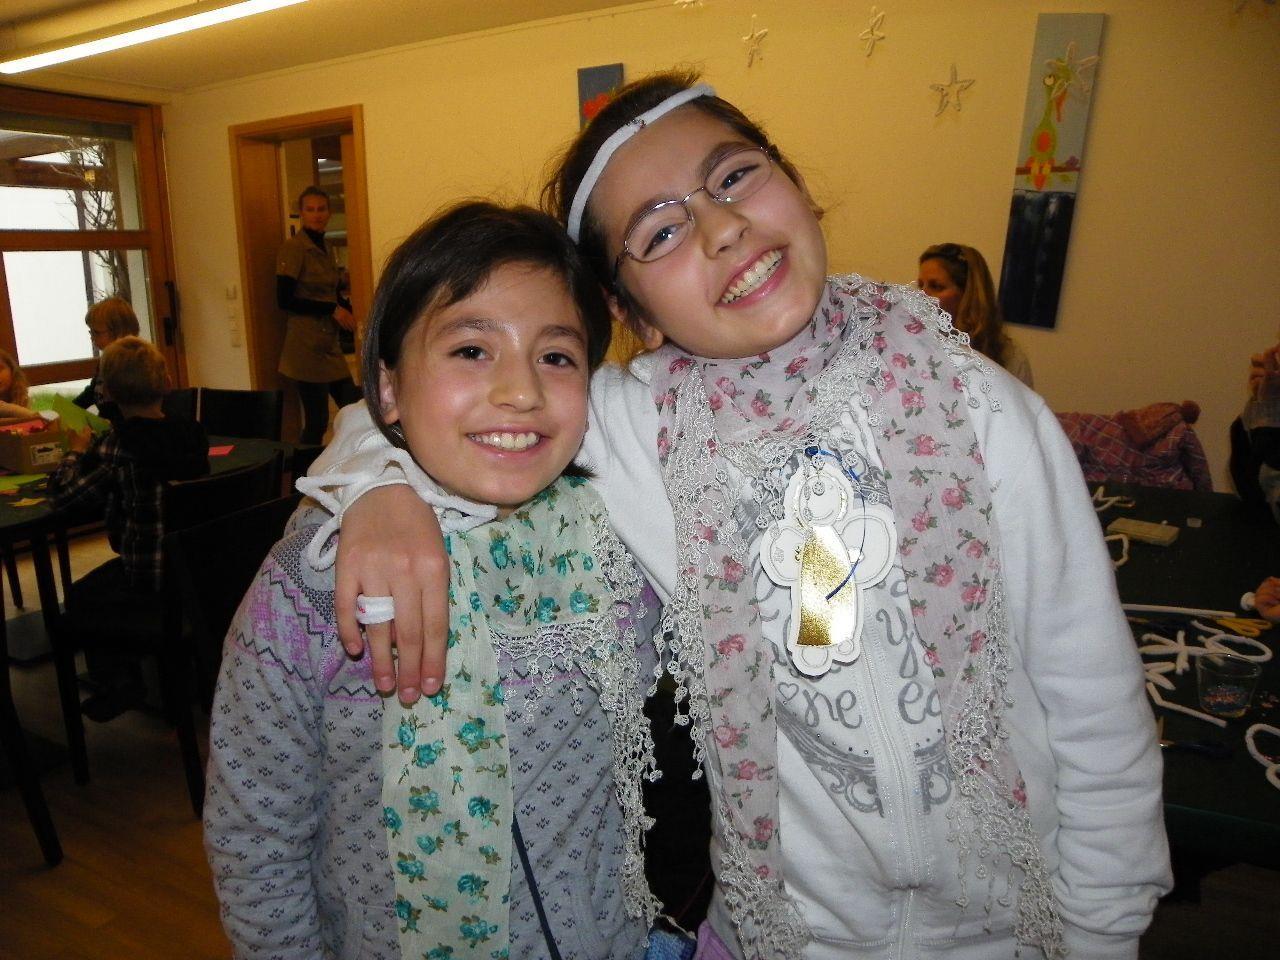 Ceyda und Esra bastelten mit viel Freude Weihnachtsschmuck